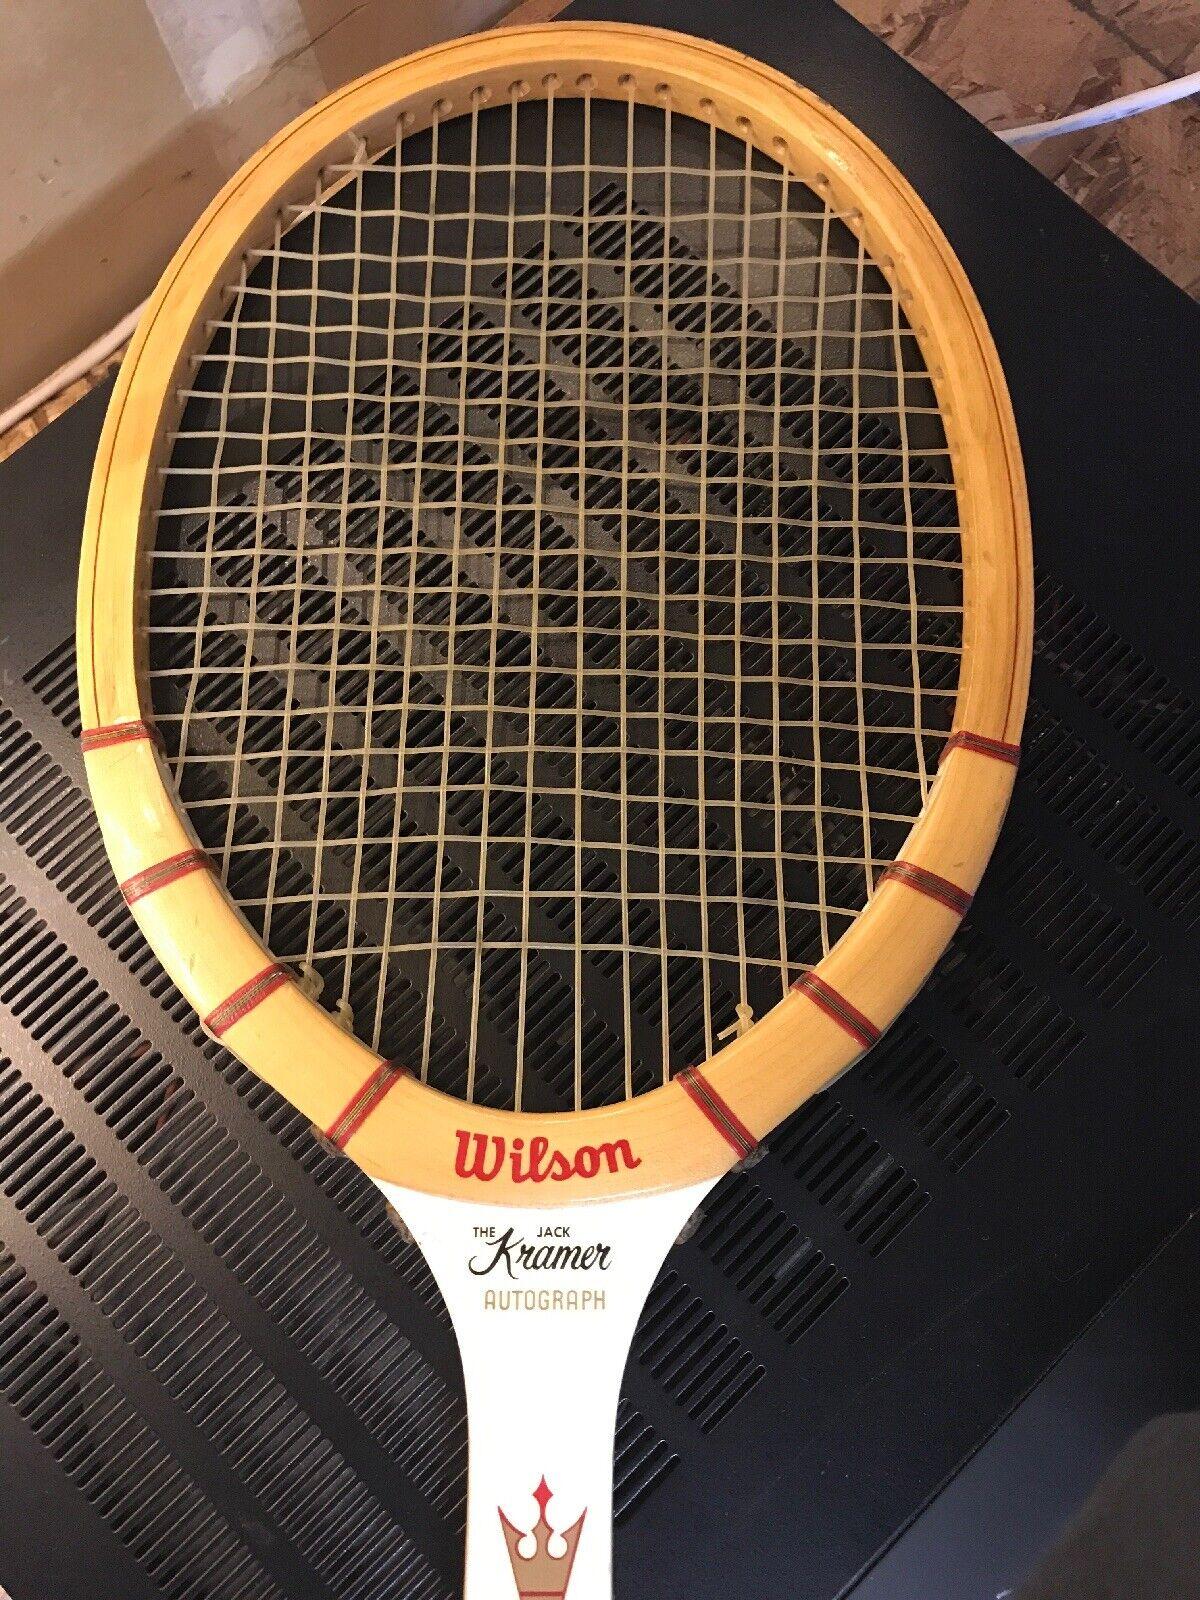 Autógrafo Autógrafo Autógrafo de Wilson Jack Kramer tenis raqueta d1f5c6